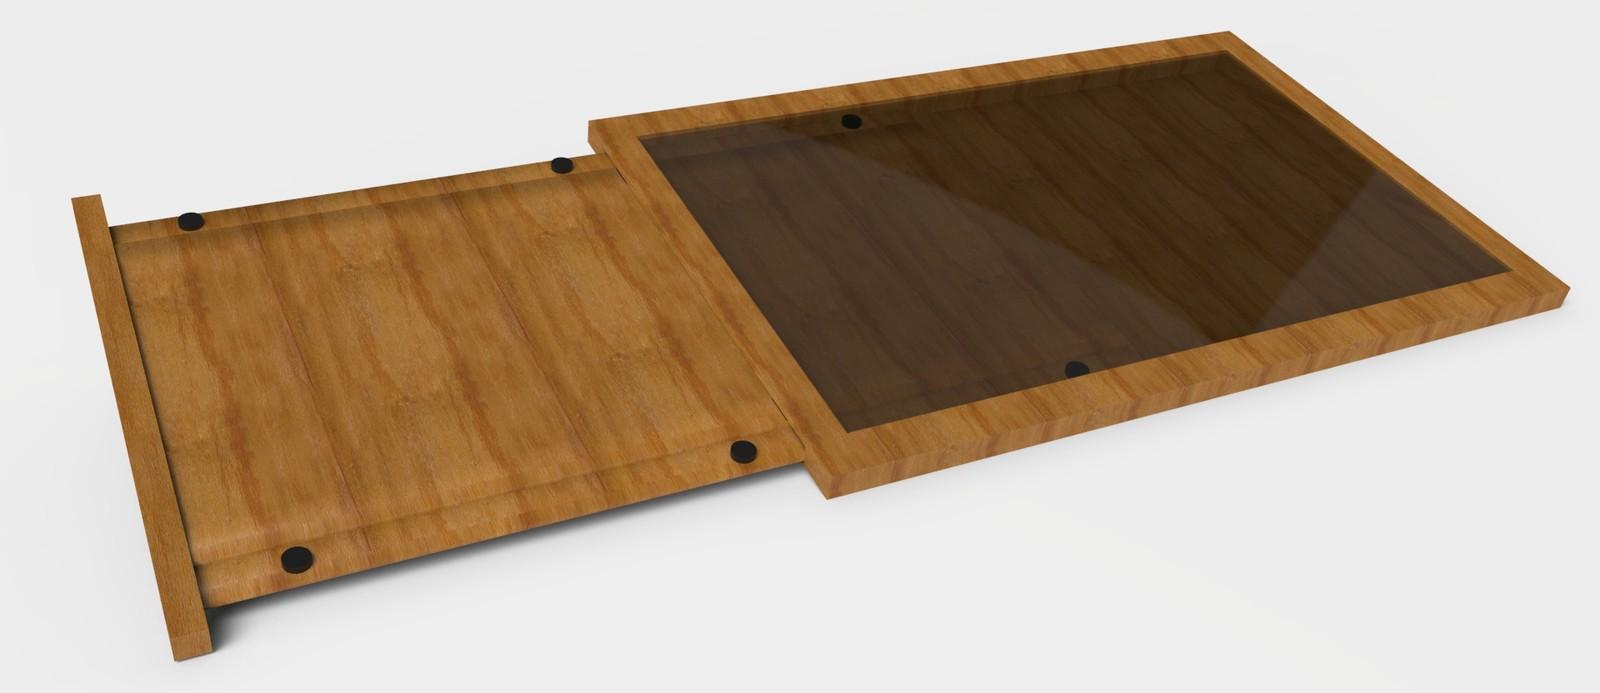 Dislexia Board by hugo matilde